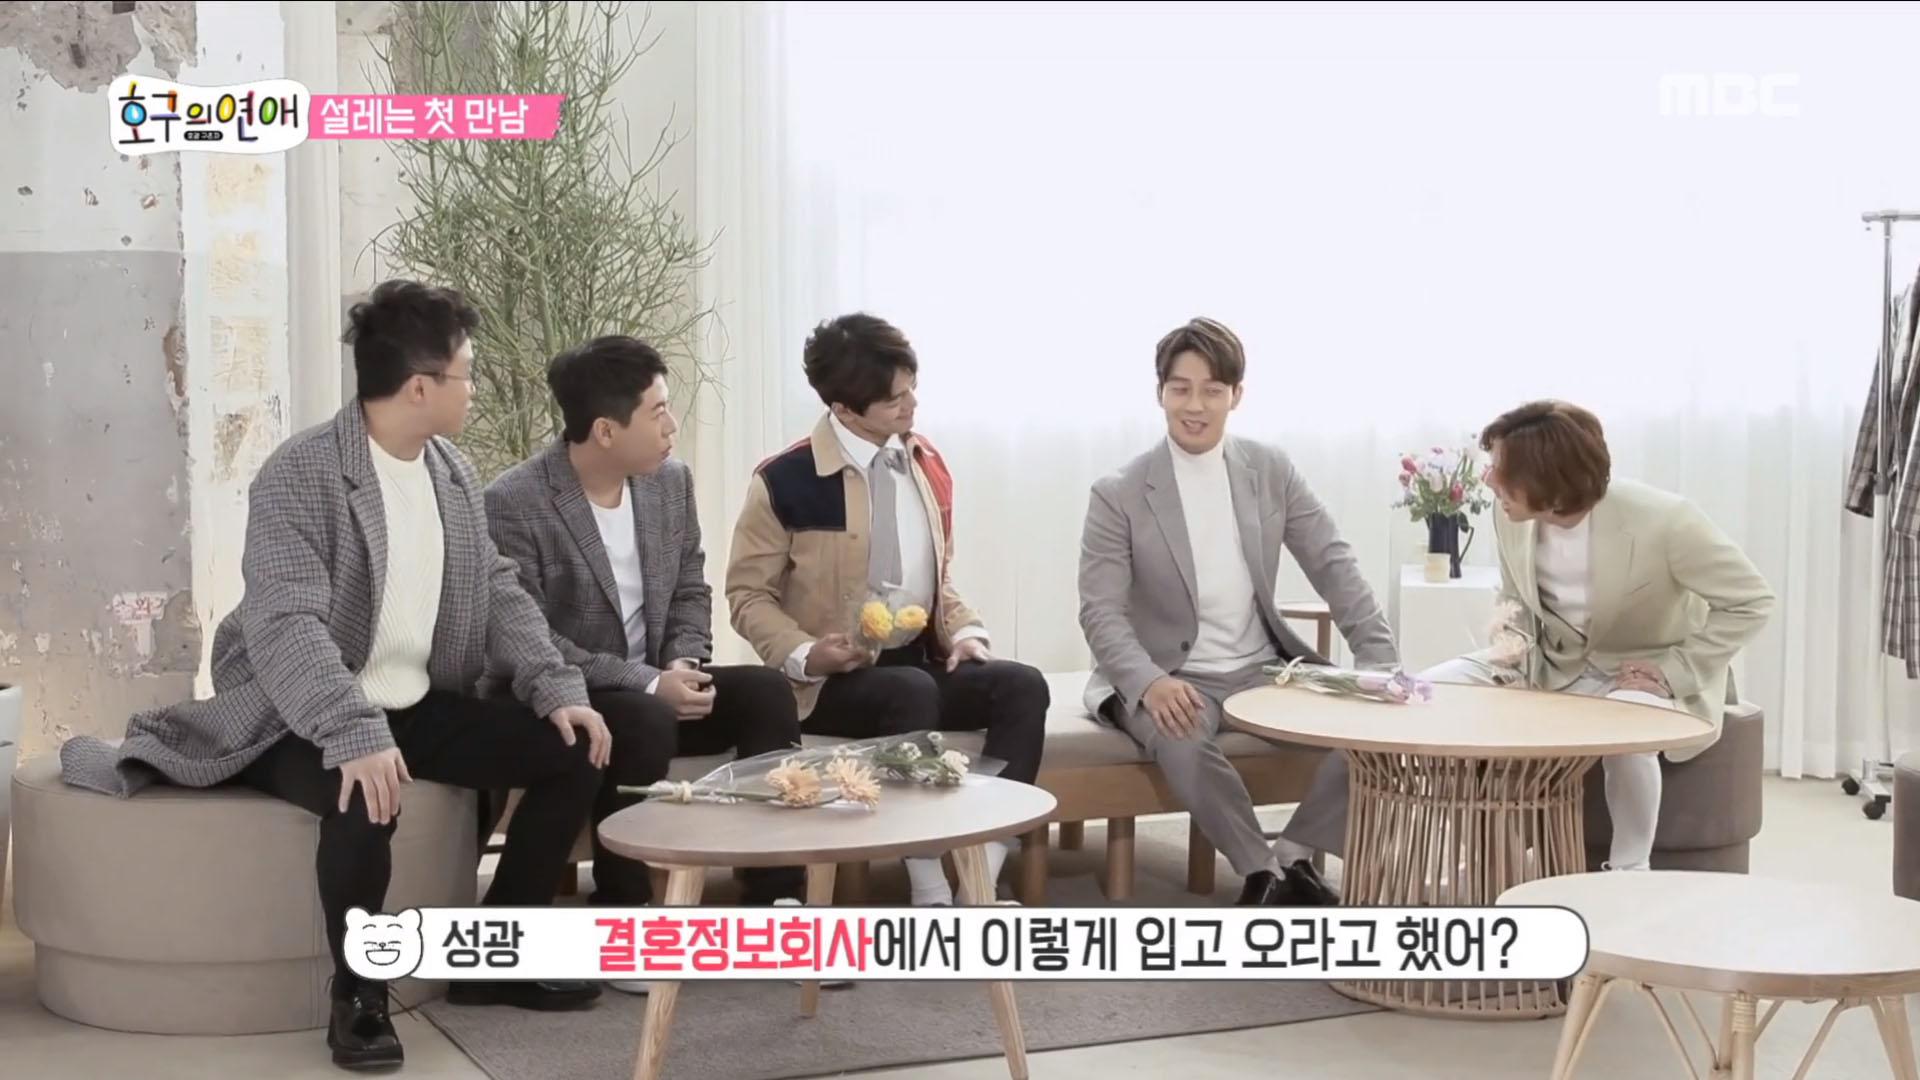 """'호구의 연애' 첫 만남에 긴장감 폭발 """"굽이 왜 이렇게 높아?!"""" 서..."""